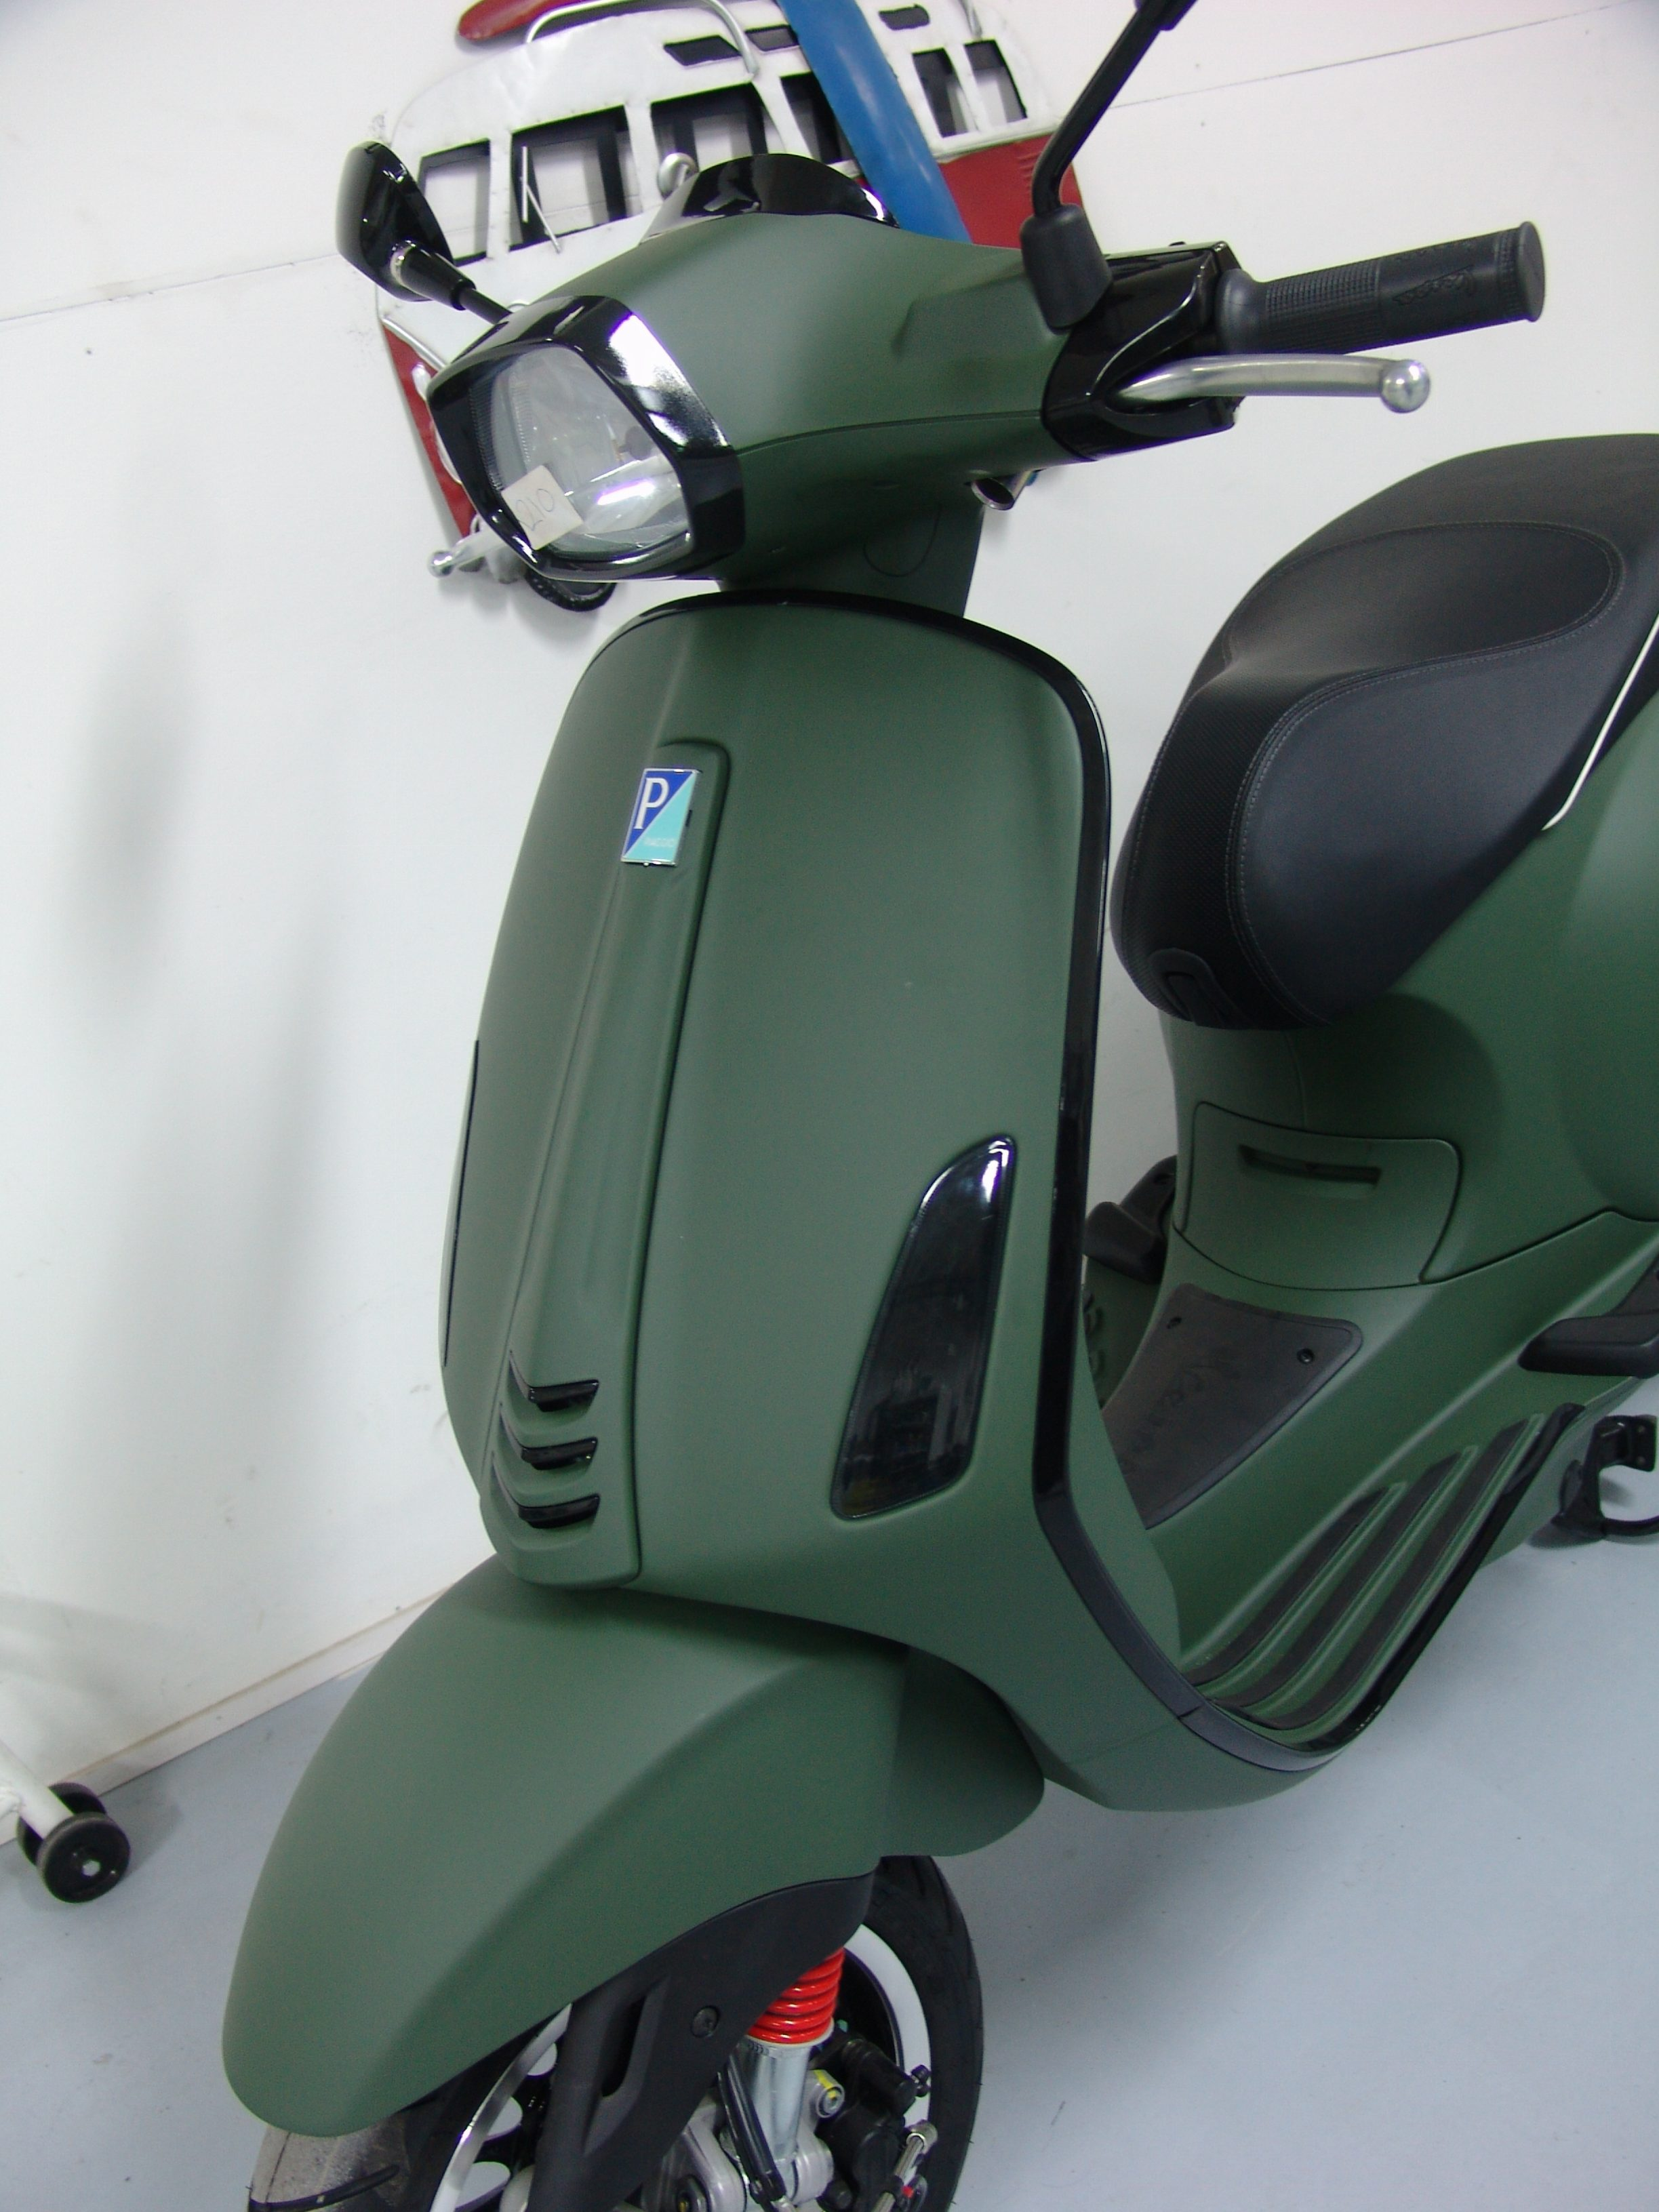 Ongebruikt Vespa sprint custom mat groen - rsnv GM-22